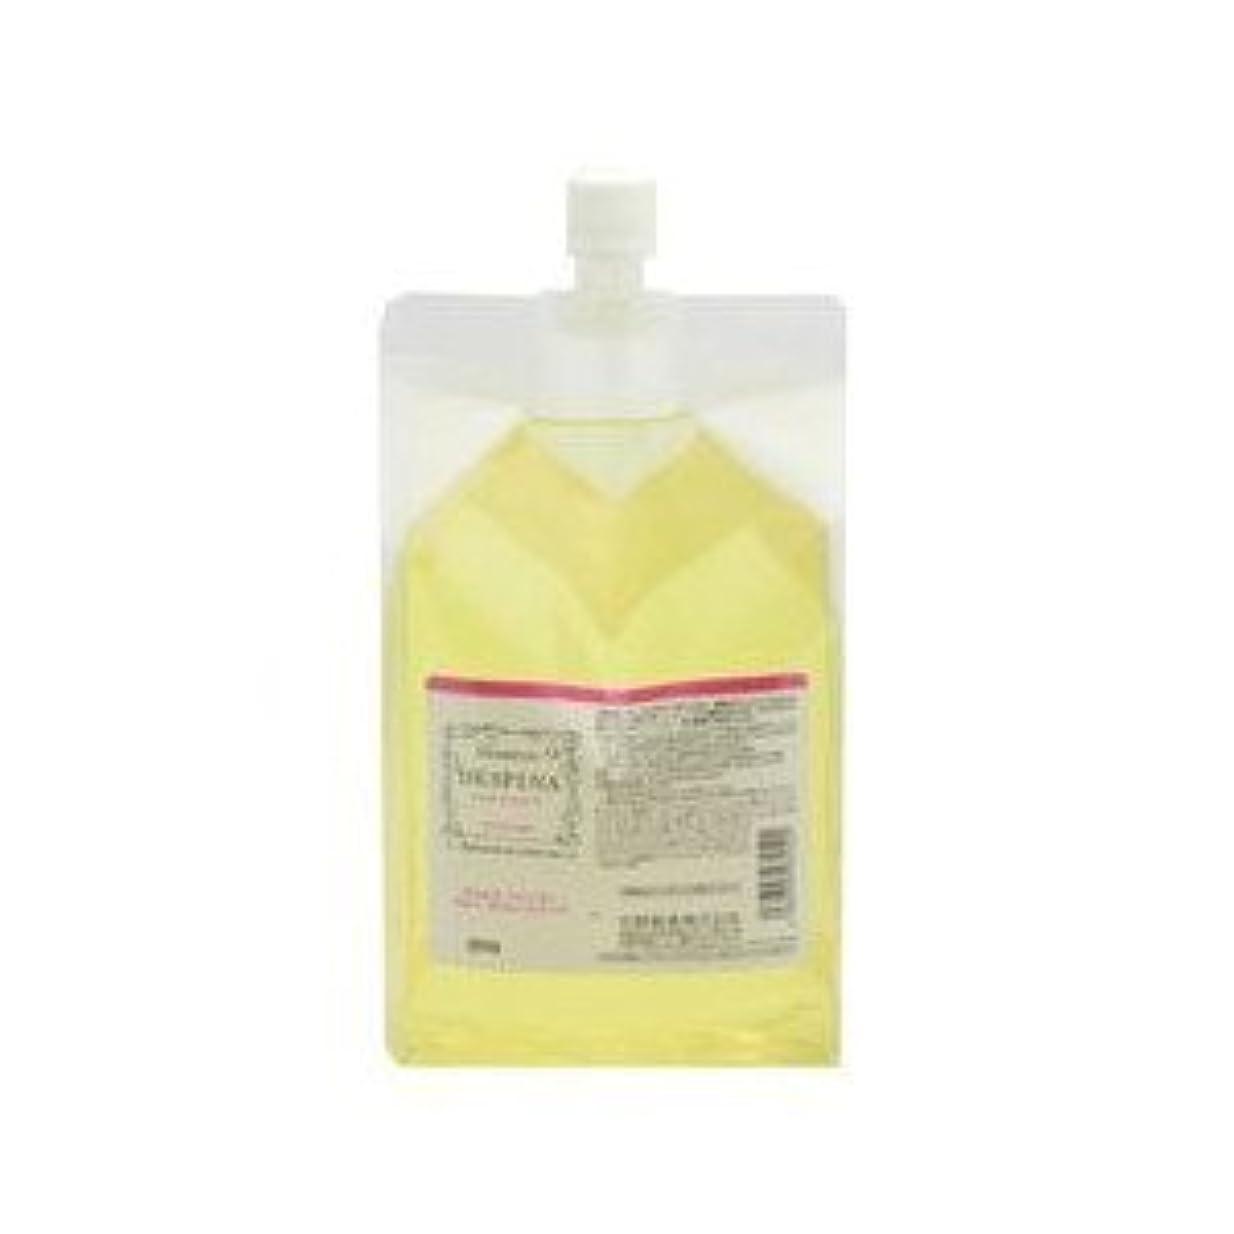 成人期安全でない収容する中野製薬 デスピナ シャンプー カラー ボリュームアップ 1500ml